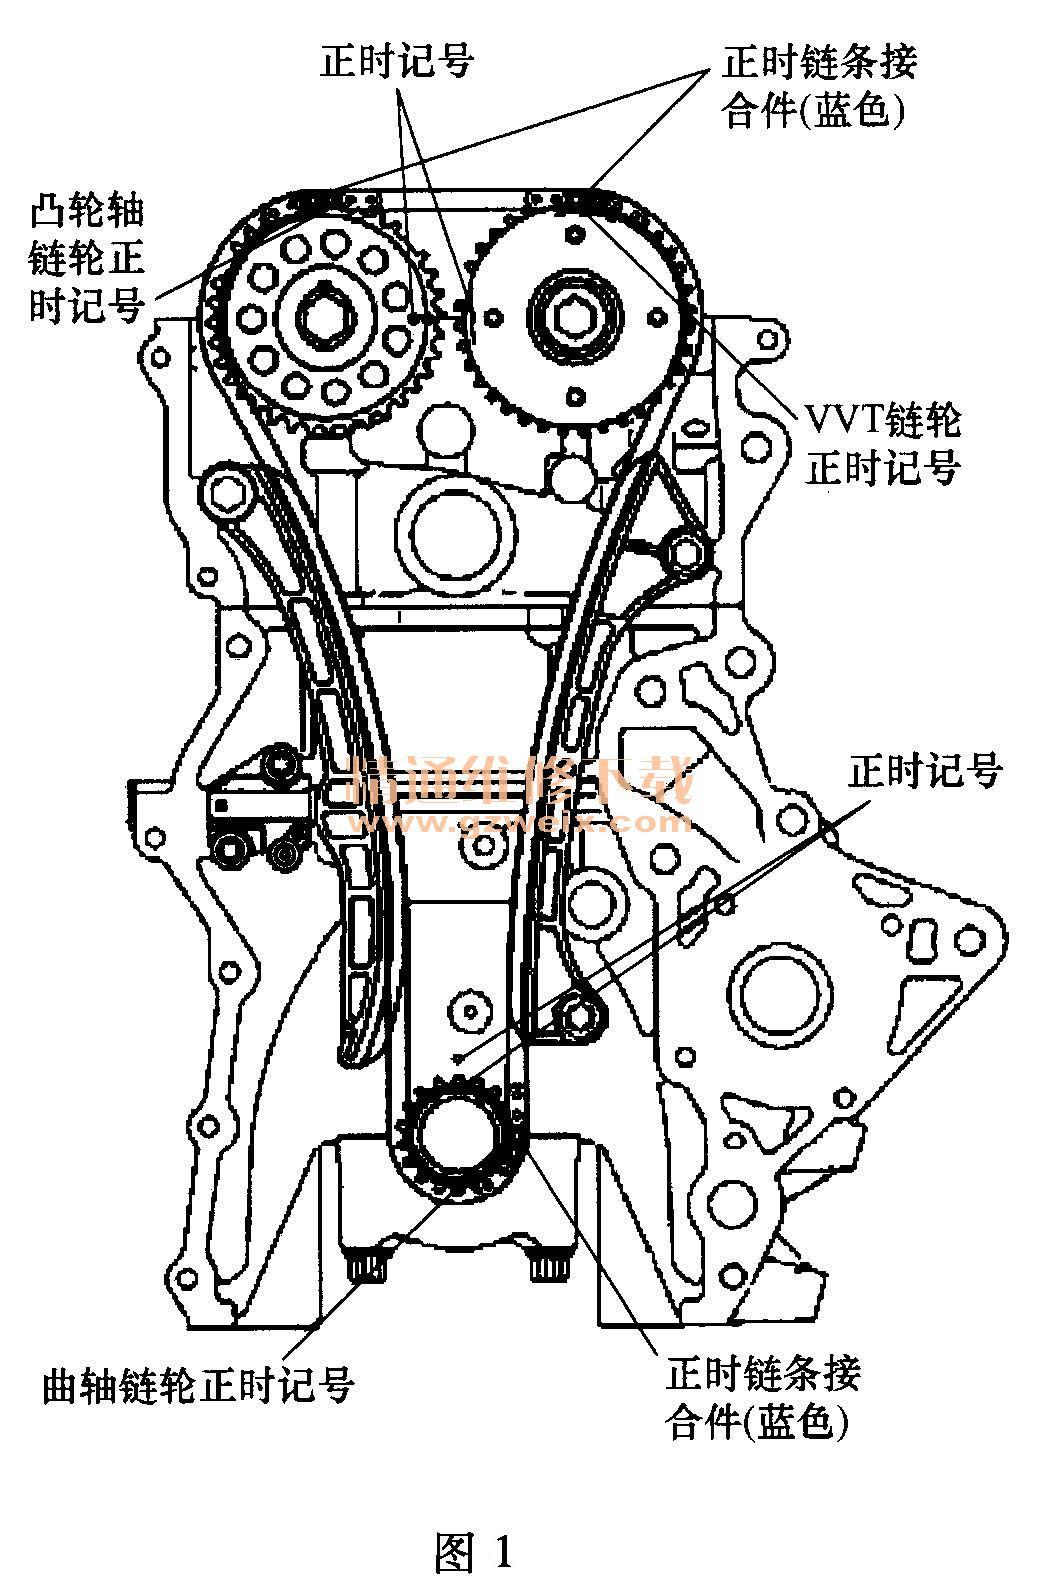 海马2 4a9系列 发动机 正时链条 安装方法 精通高清图片